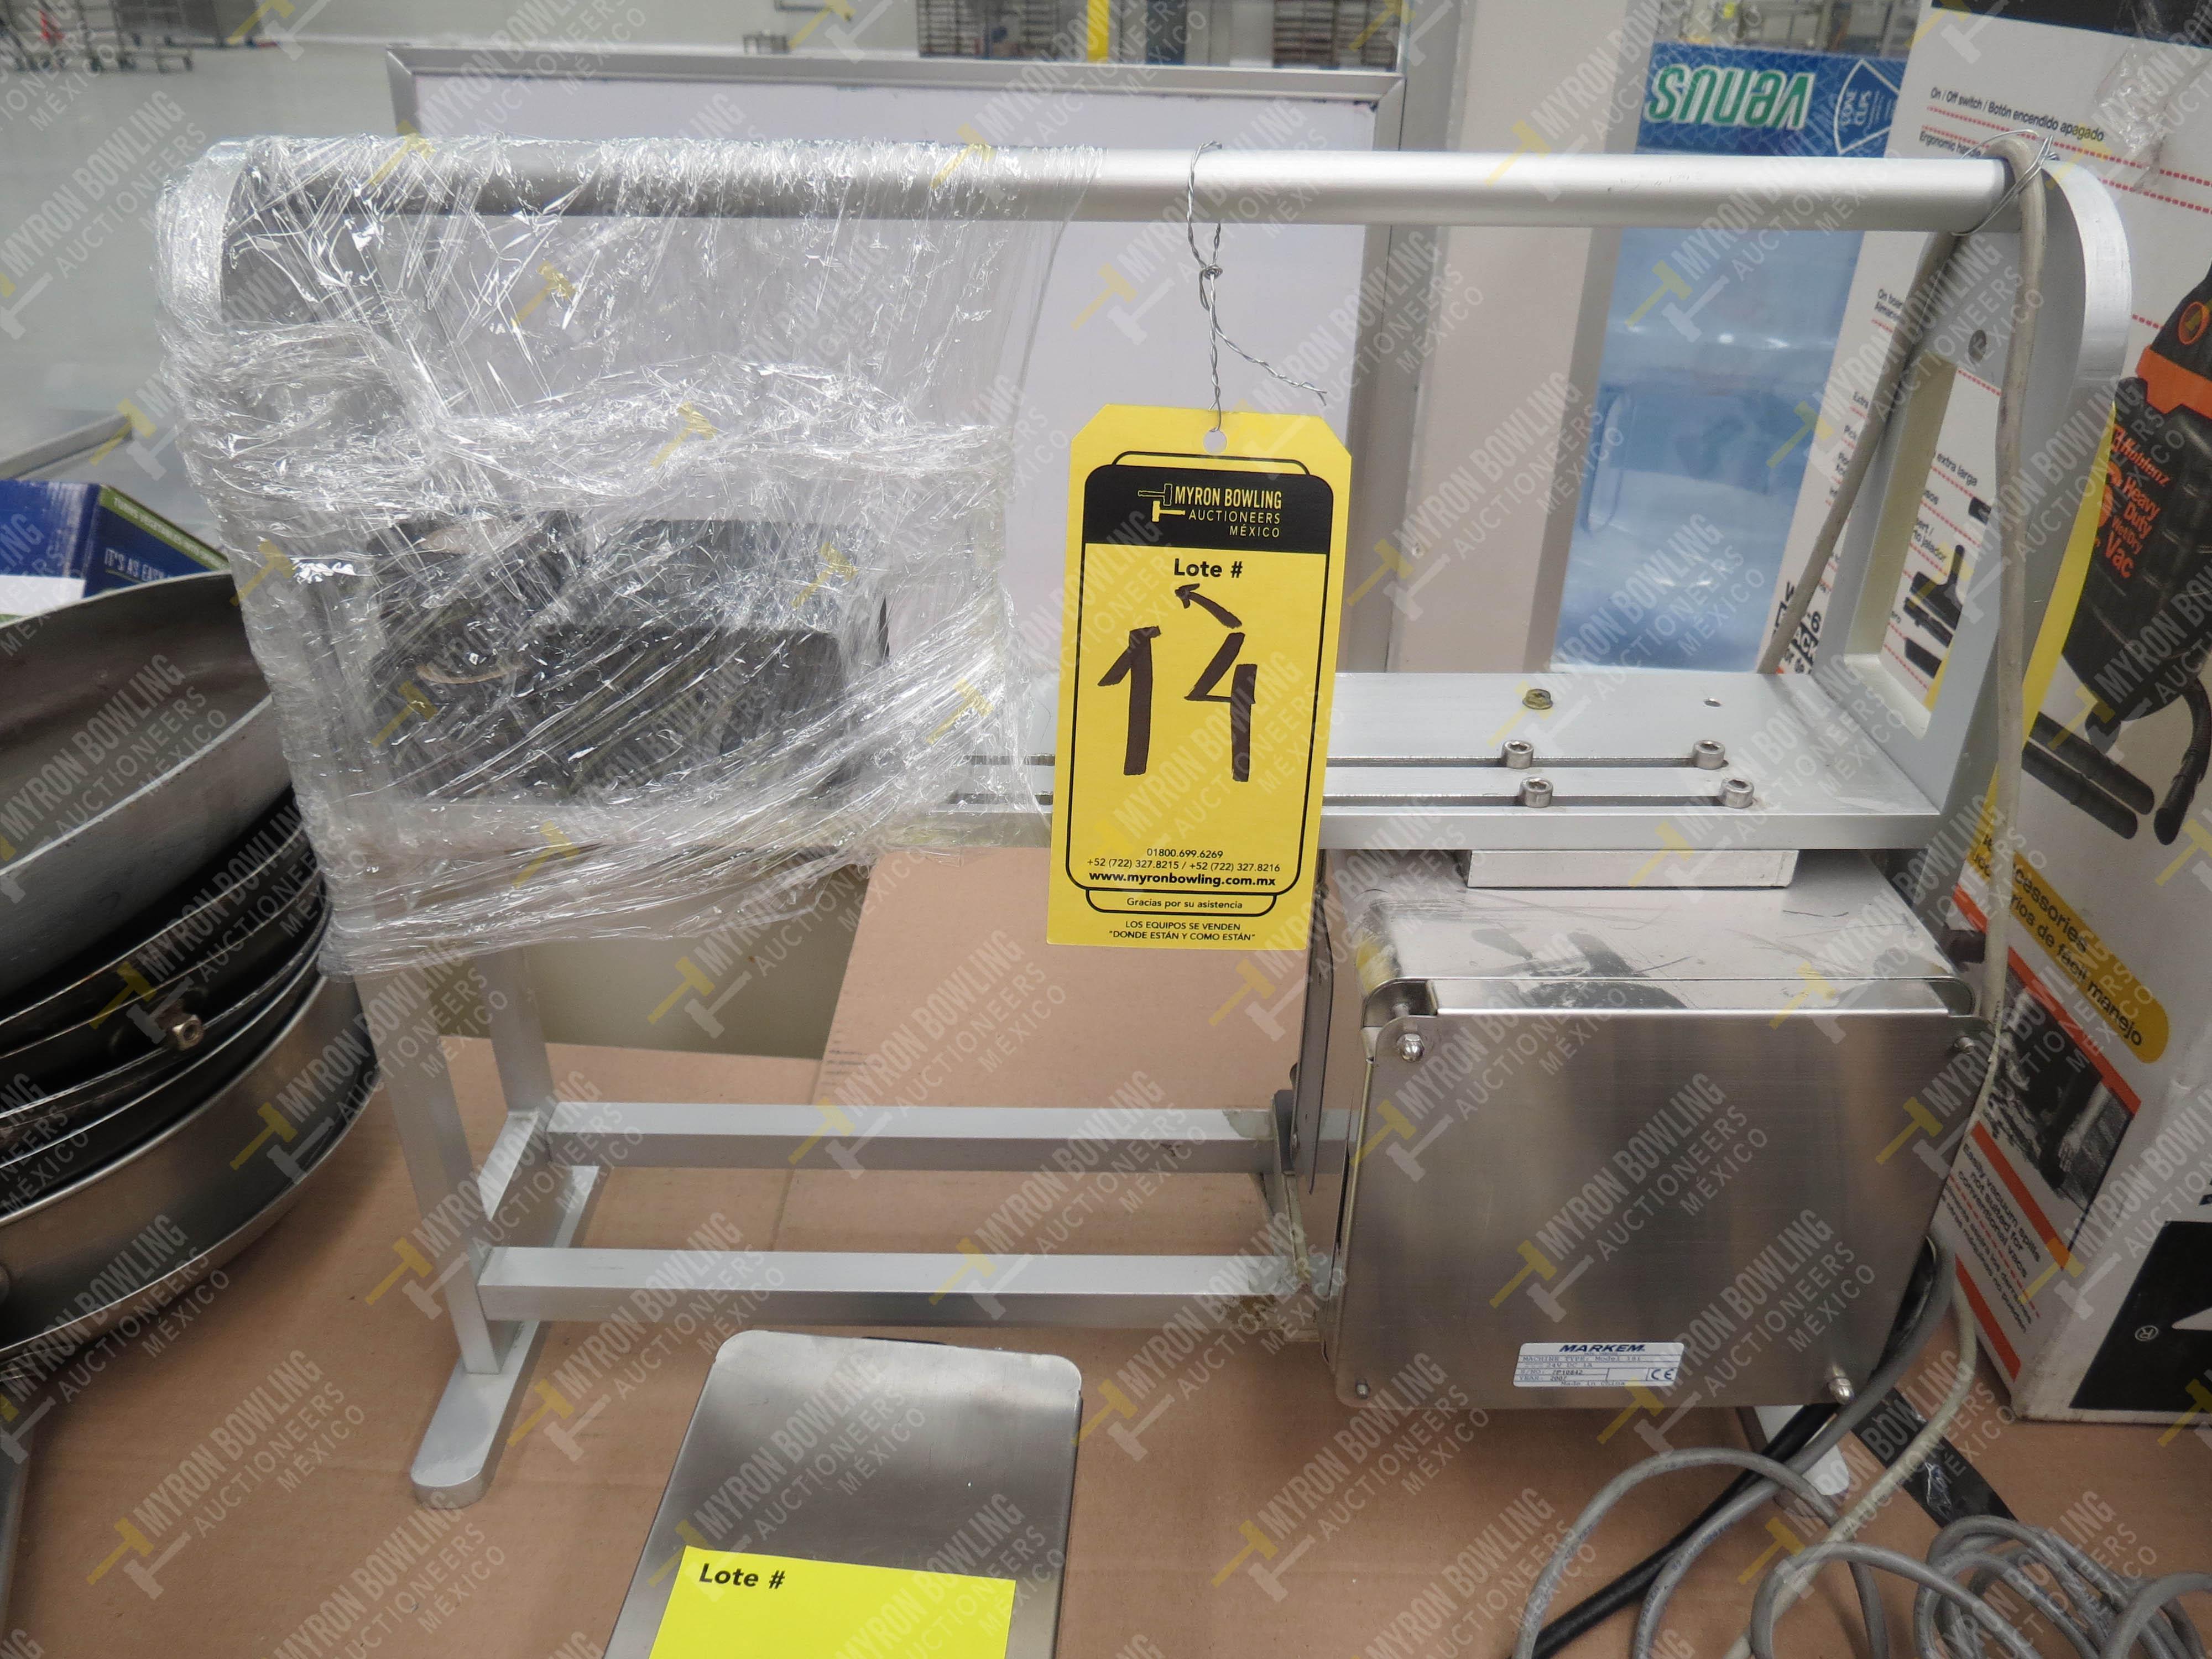 Máquina marcadora digital marca Markem, Modelo 18I, No. de Serie 7P10842, año 2007